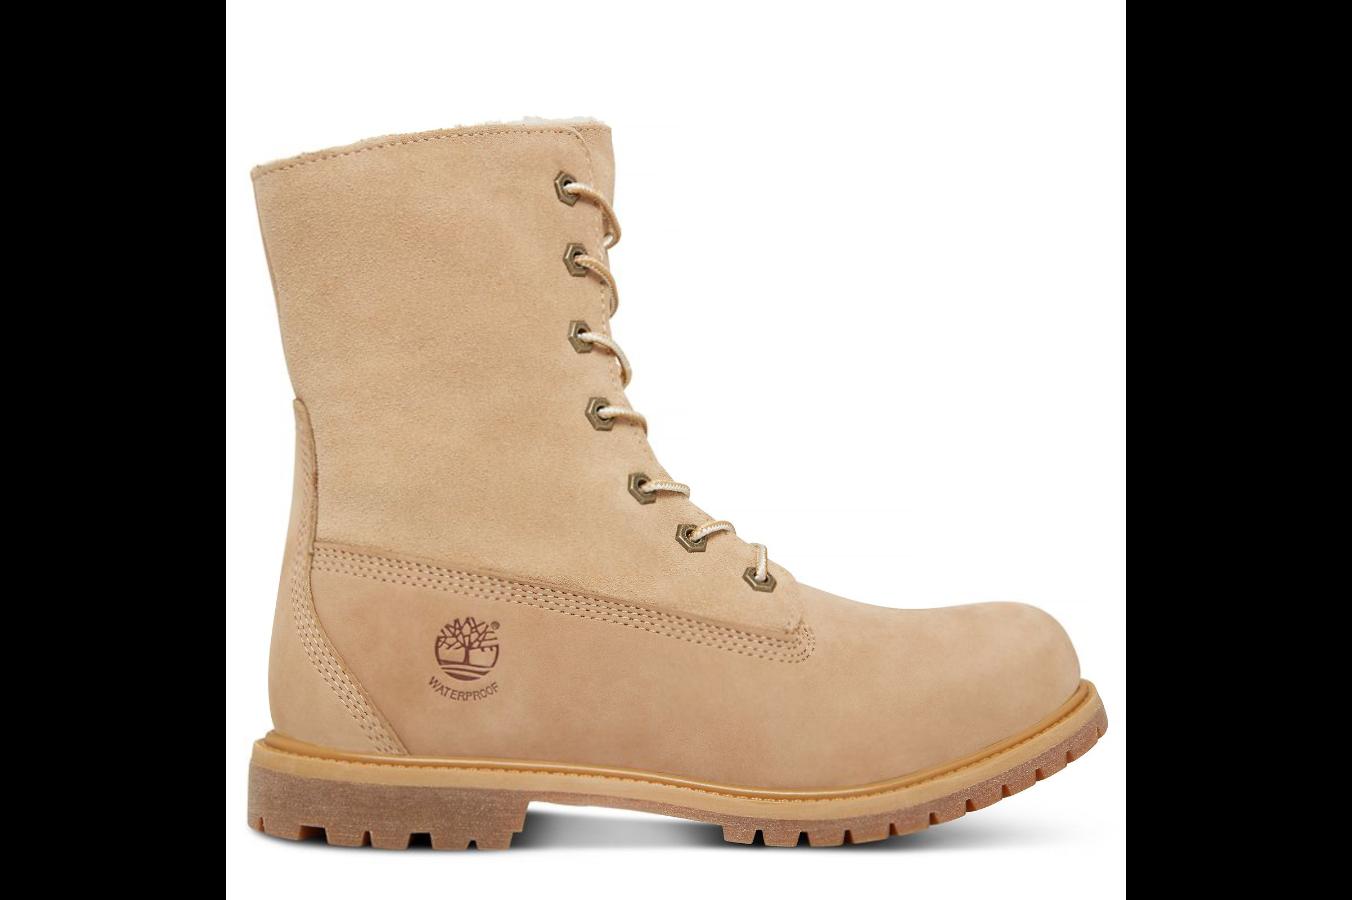 Vente Timberland chaussures pour homme toutes les boots_bone